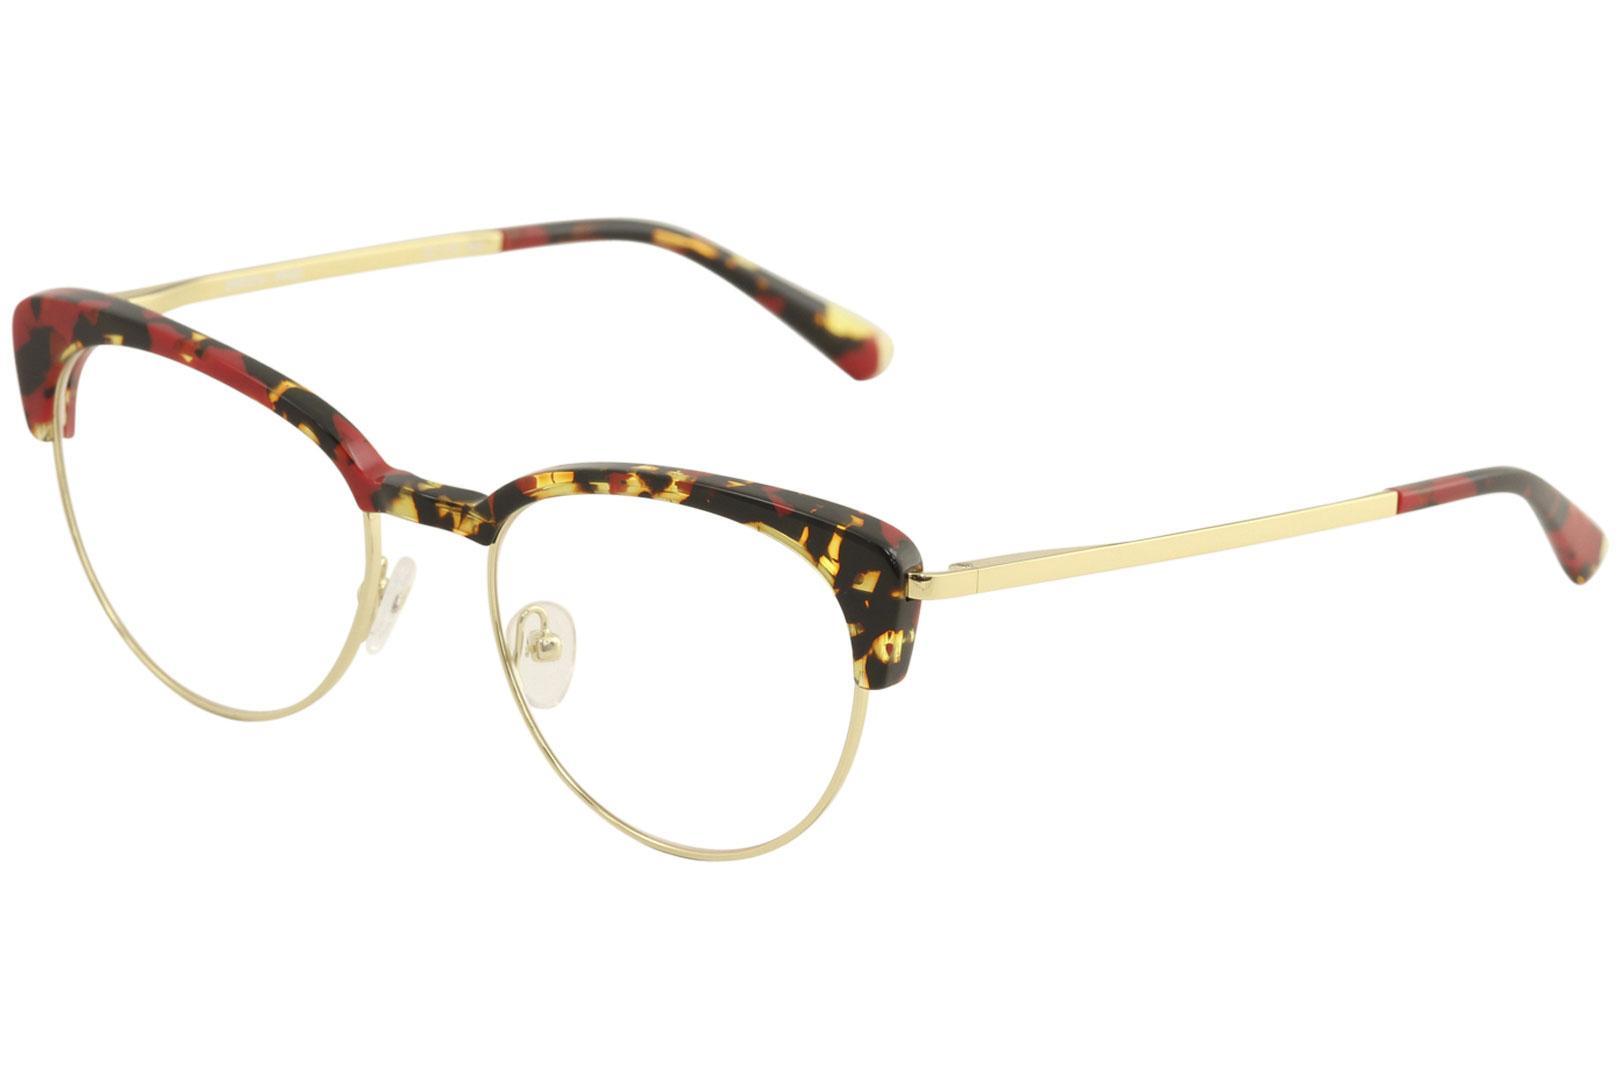 e79cb6e5573 Etnia Barcelona Women s Eyeglasses Brescia Full Rim Optical Frame